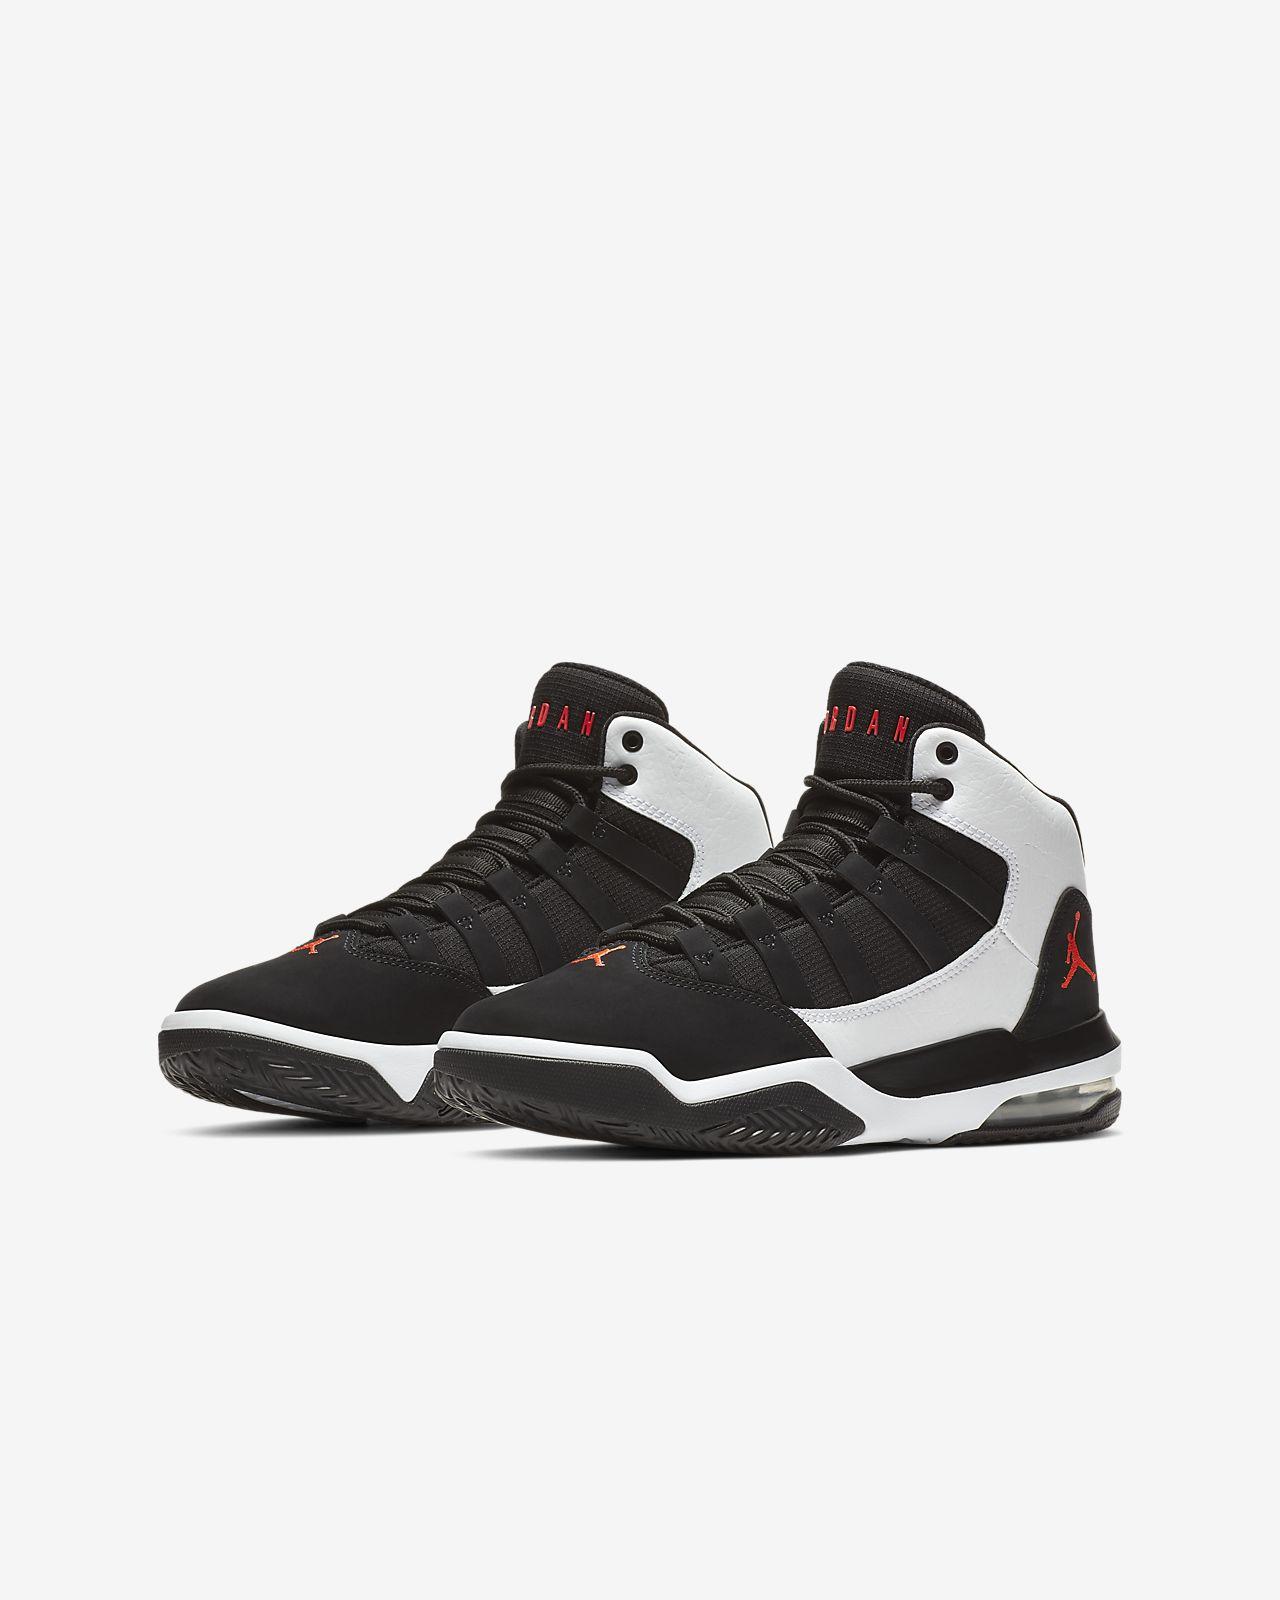 hot sale online a9c3d f412e ... Jordan Max Aura sko til store barn